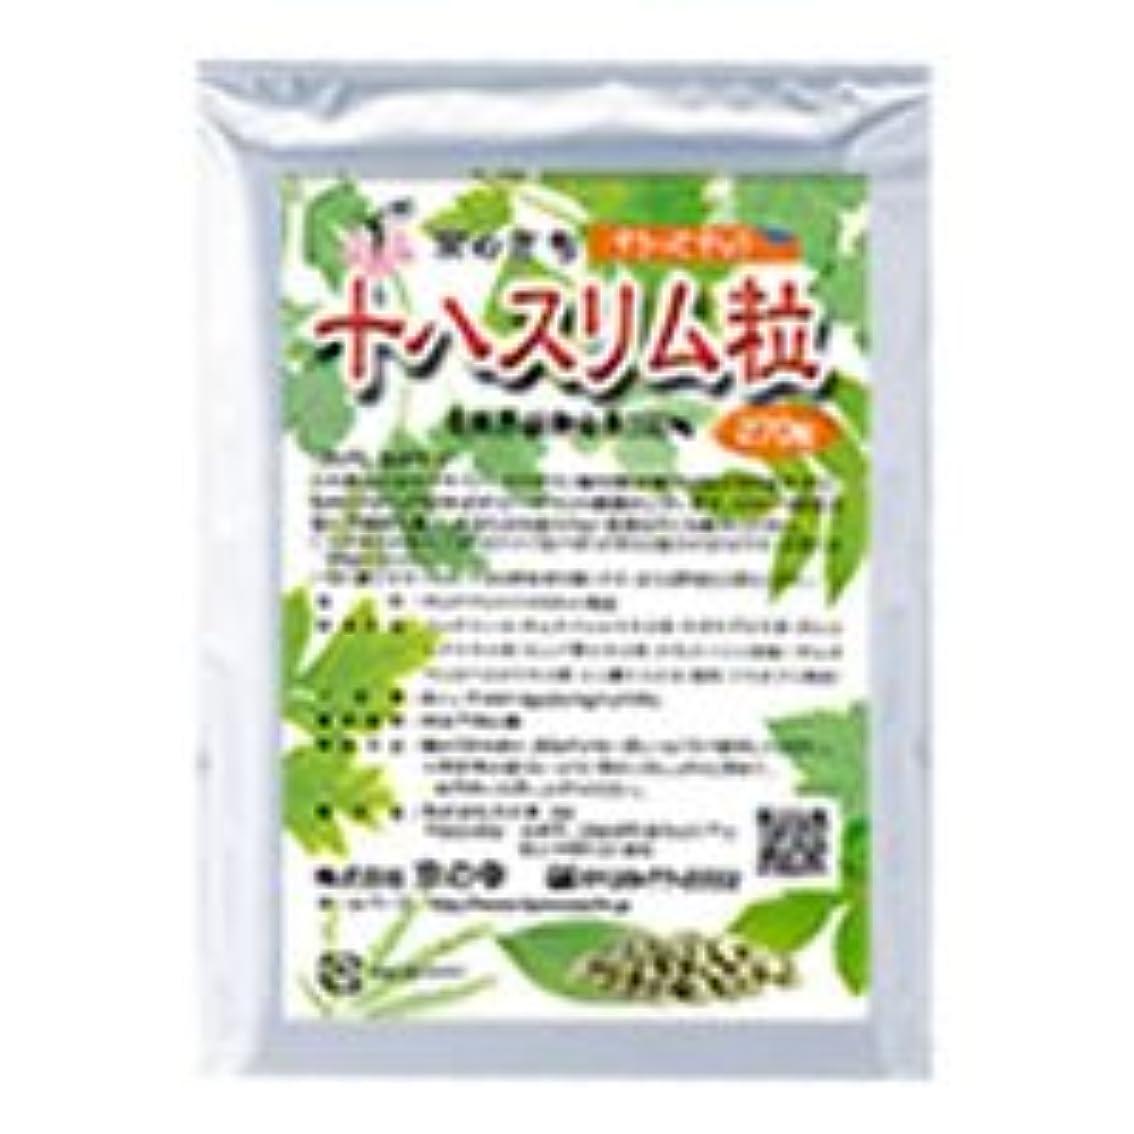 寛大な広い豆腐十八スリム粒 2ヵ月分